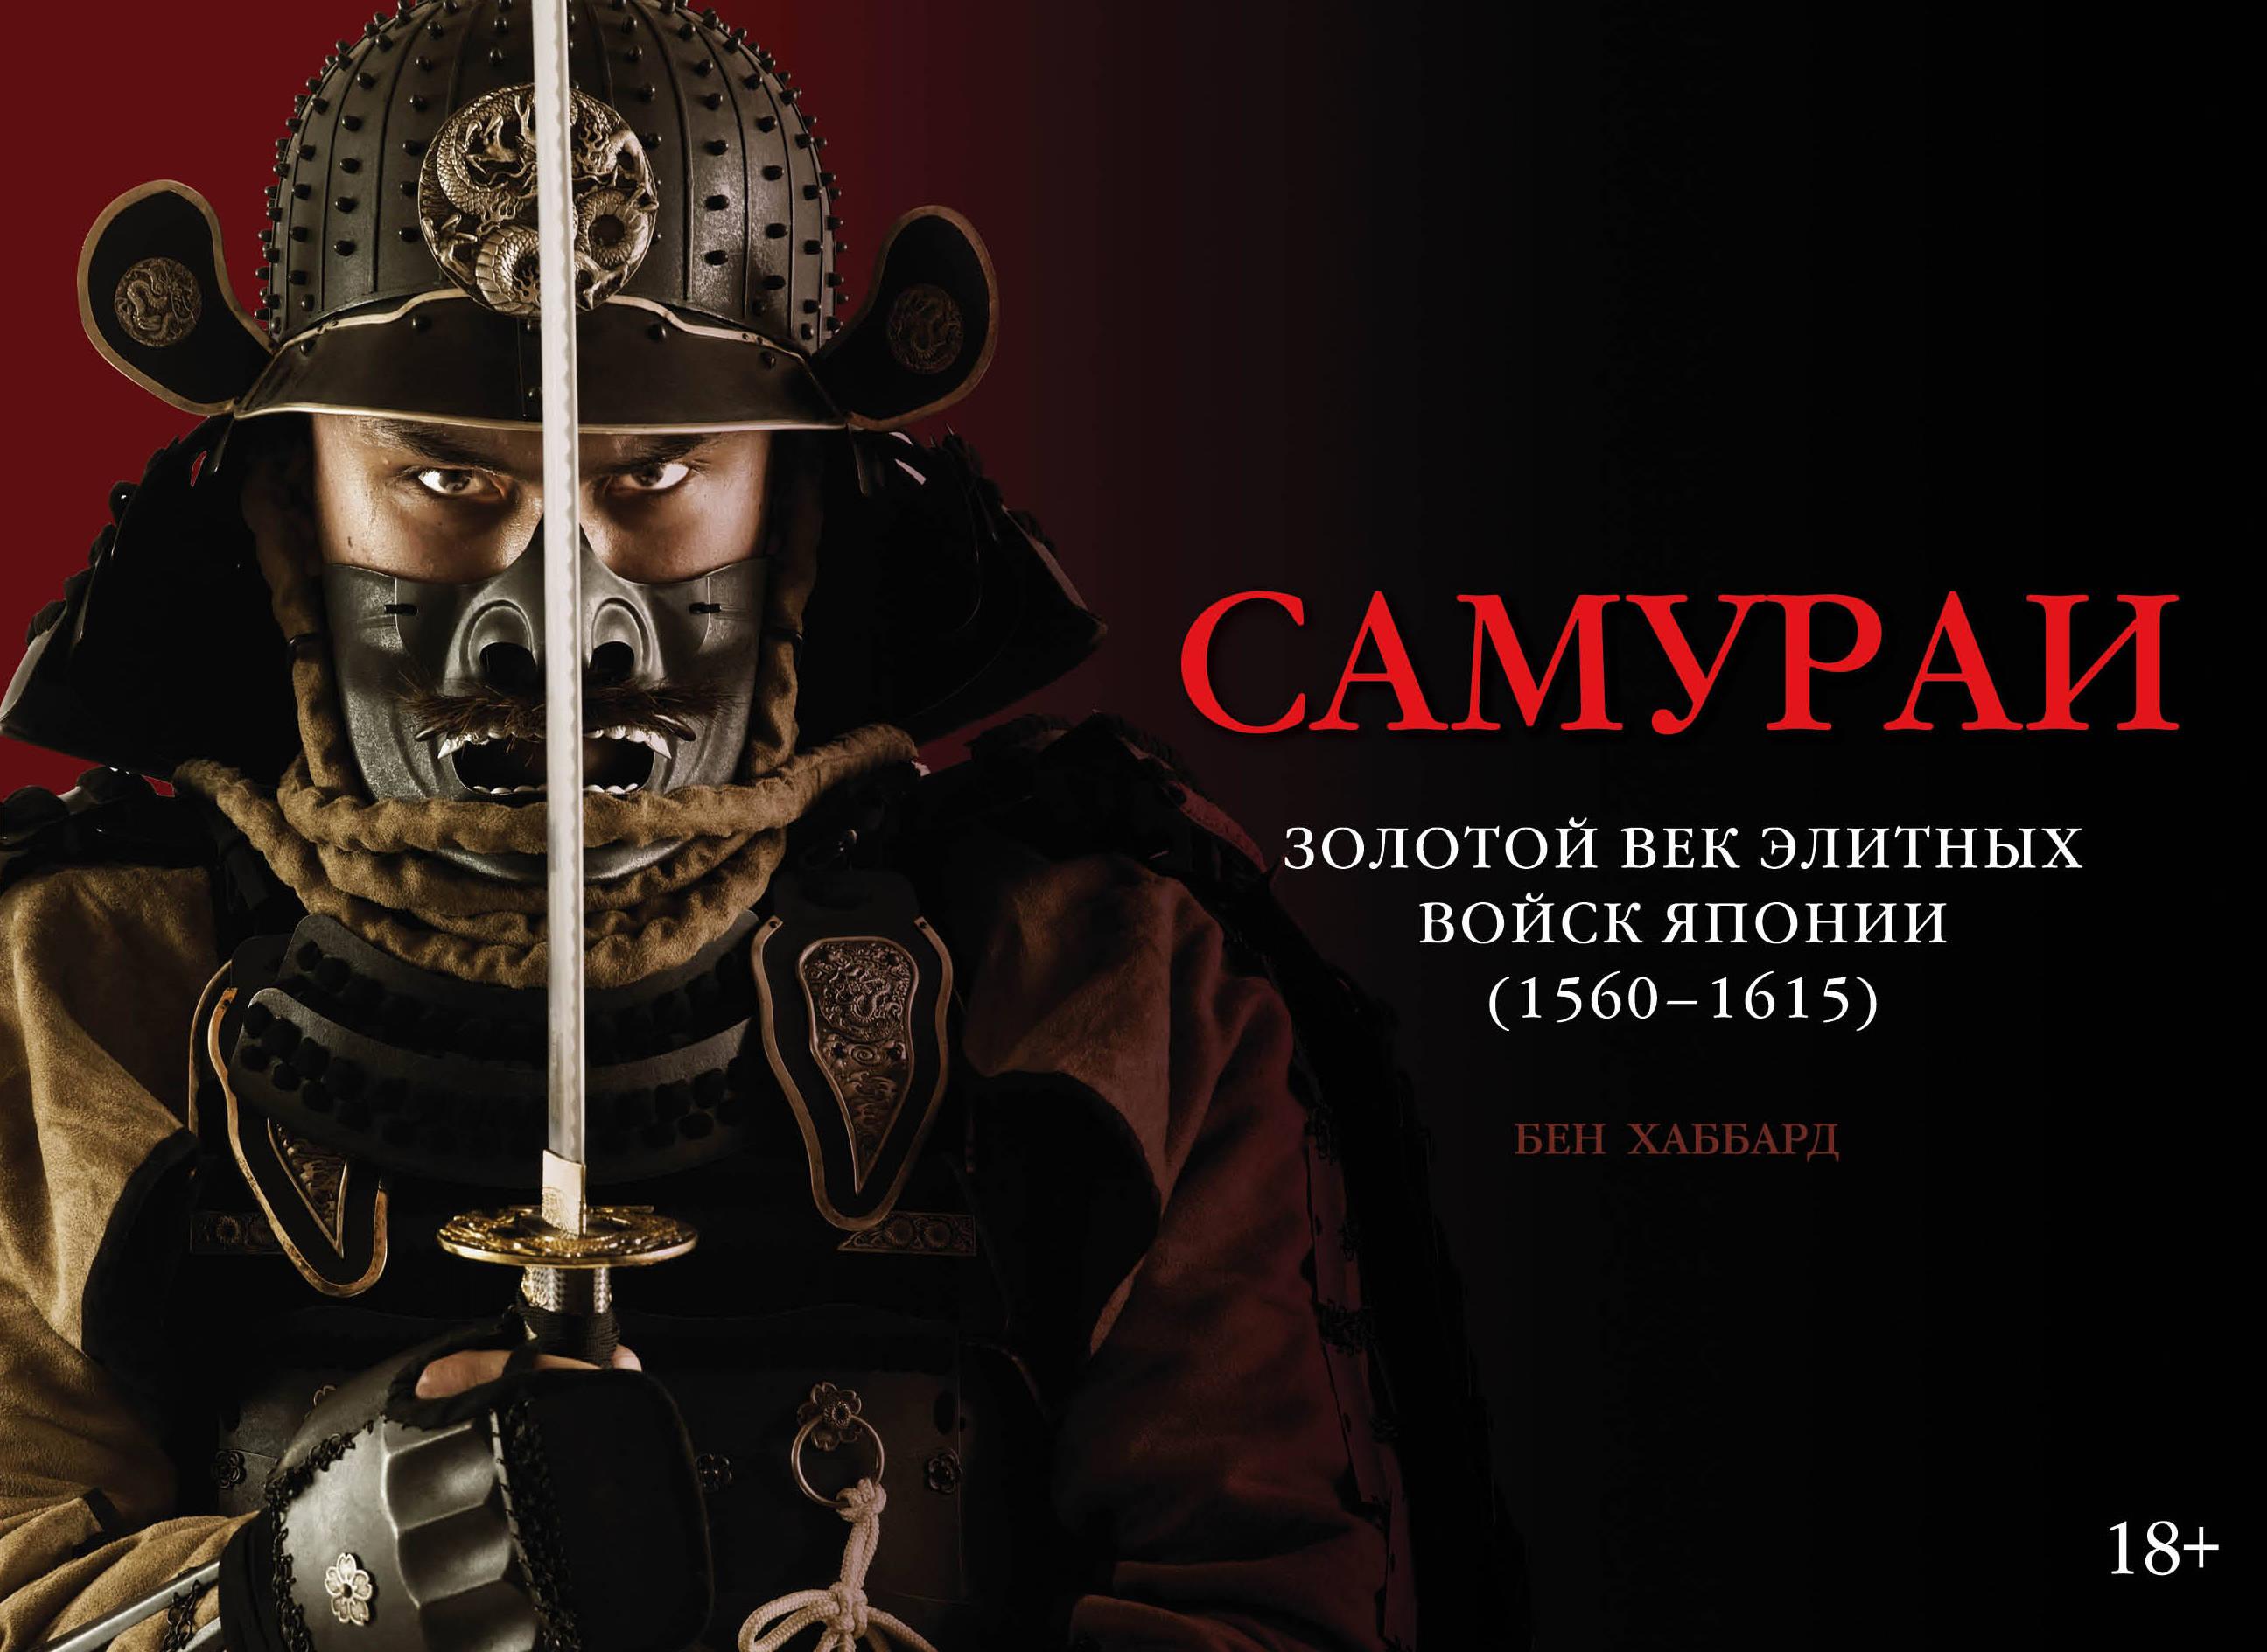 Хаббард Бен Самураи. Золотой век элитных войск Японии (1560-1615) хаббард б самураи золотой век элитных войск японии 1560 1615